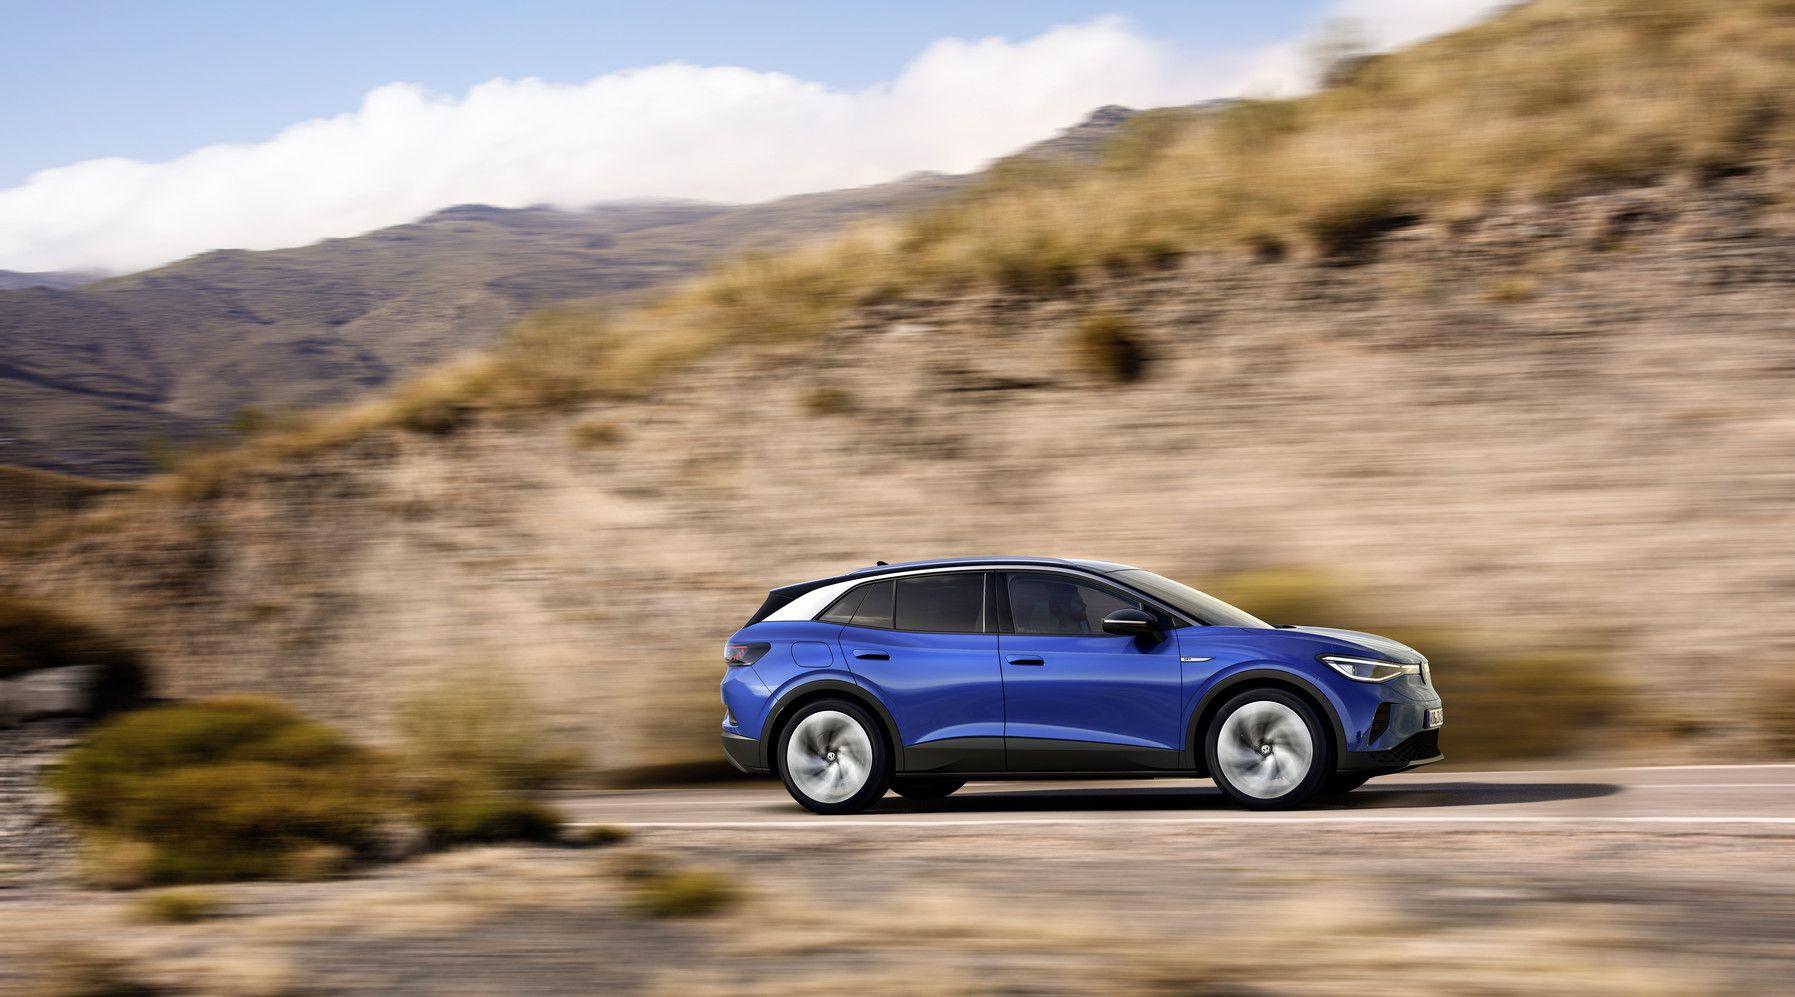 Elektromobilität: Diese E-Autos kommen 2021 auf den Markt - VW ID.4 (Bild: VW)